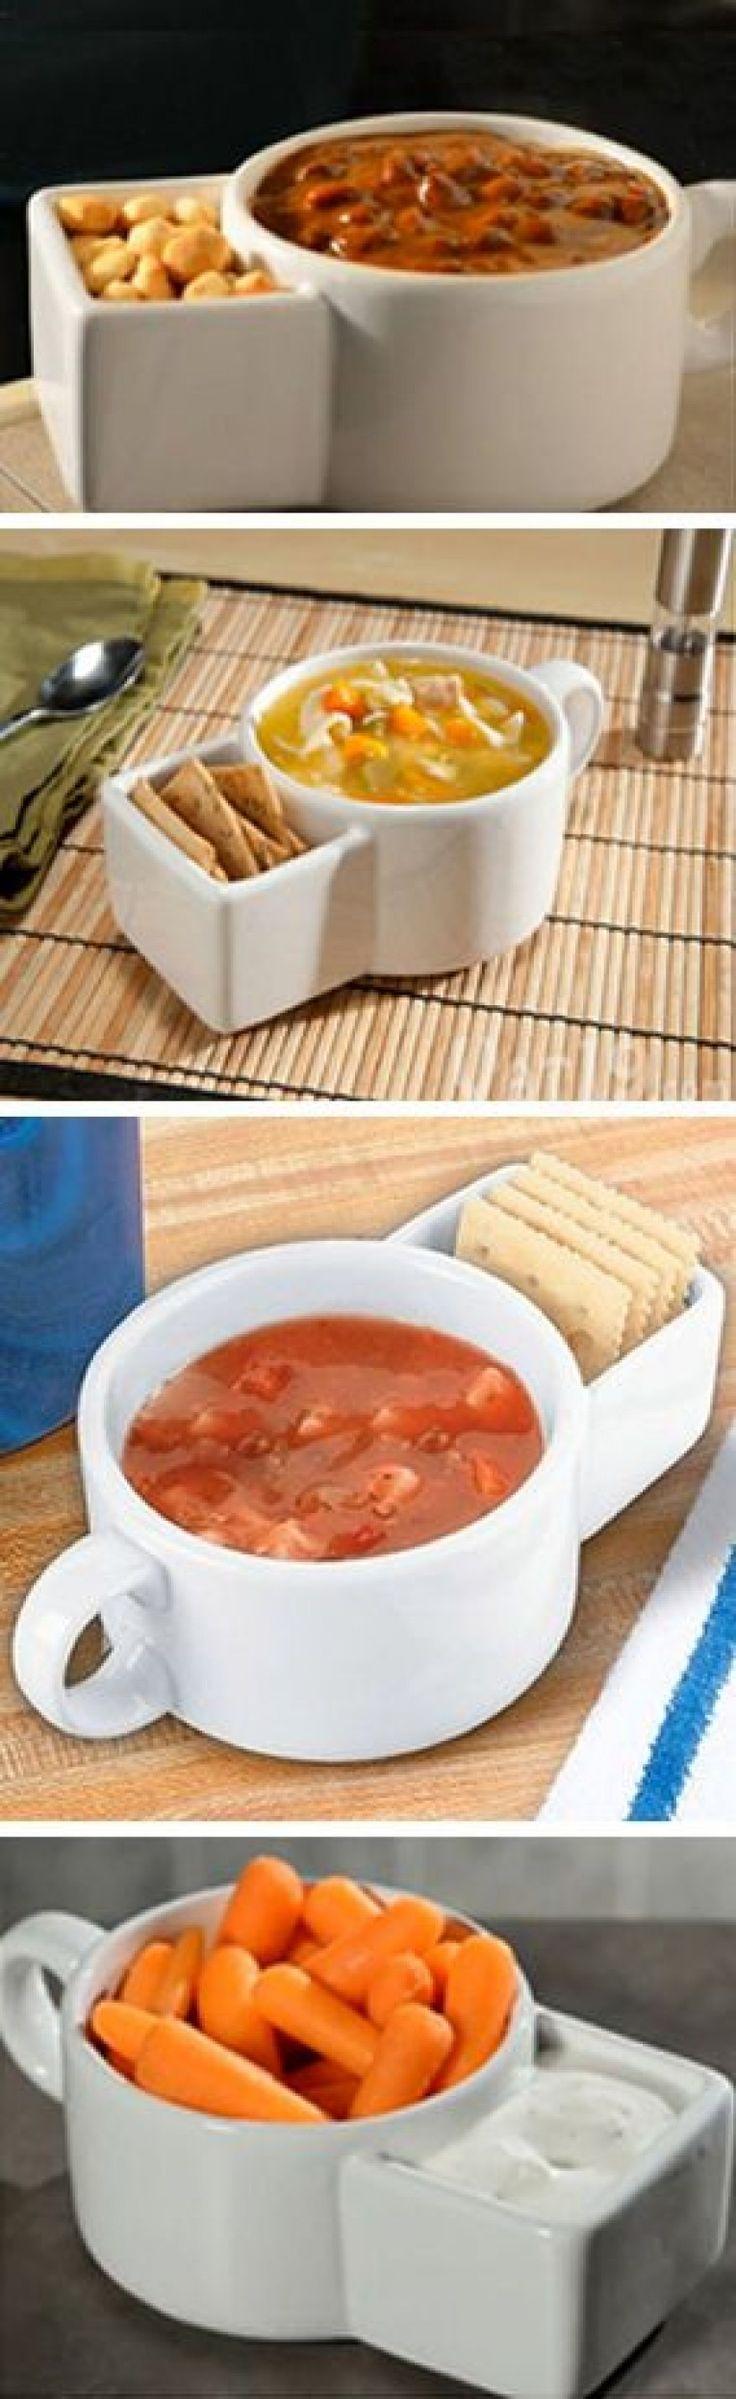 Soup and cracker ceramic mug